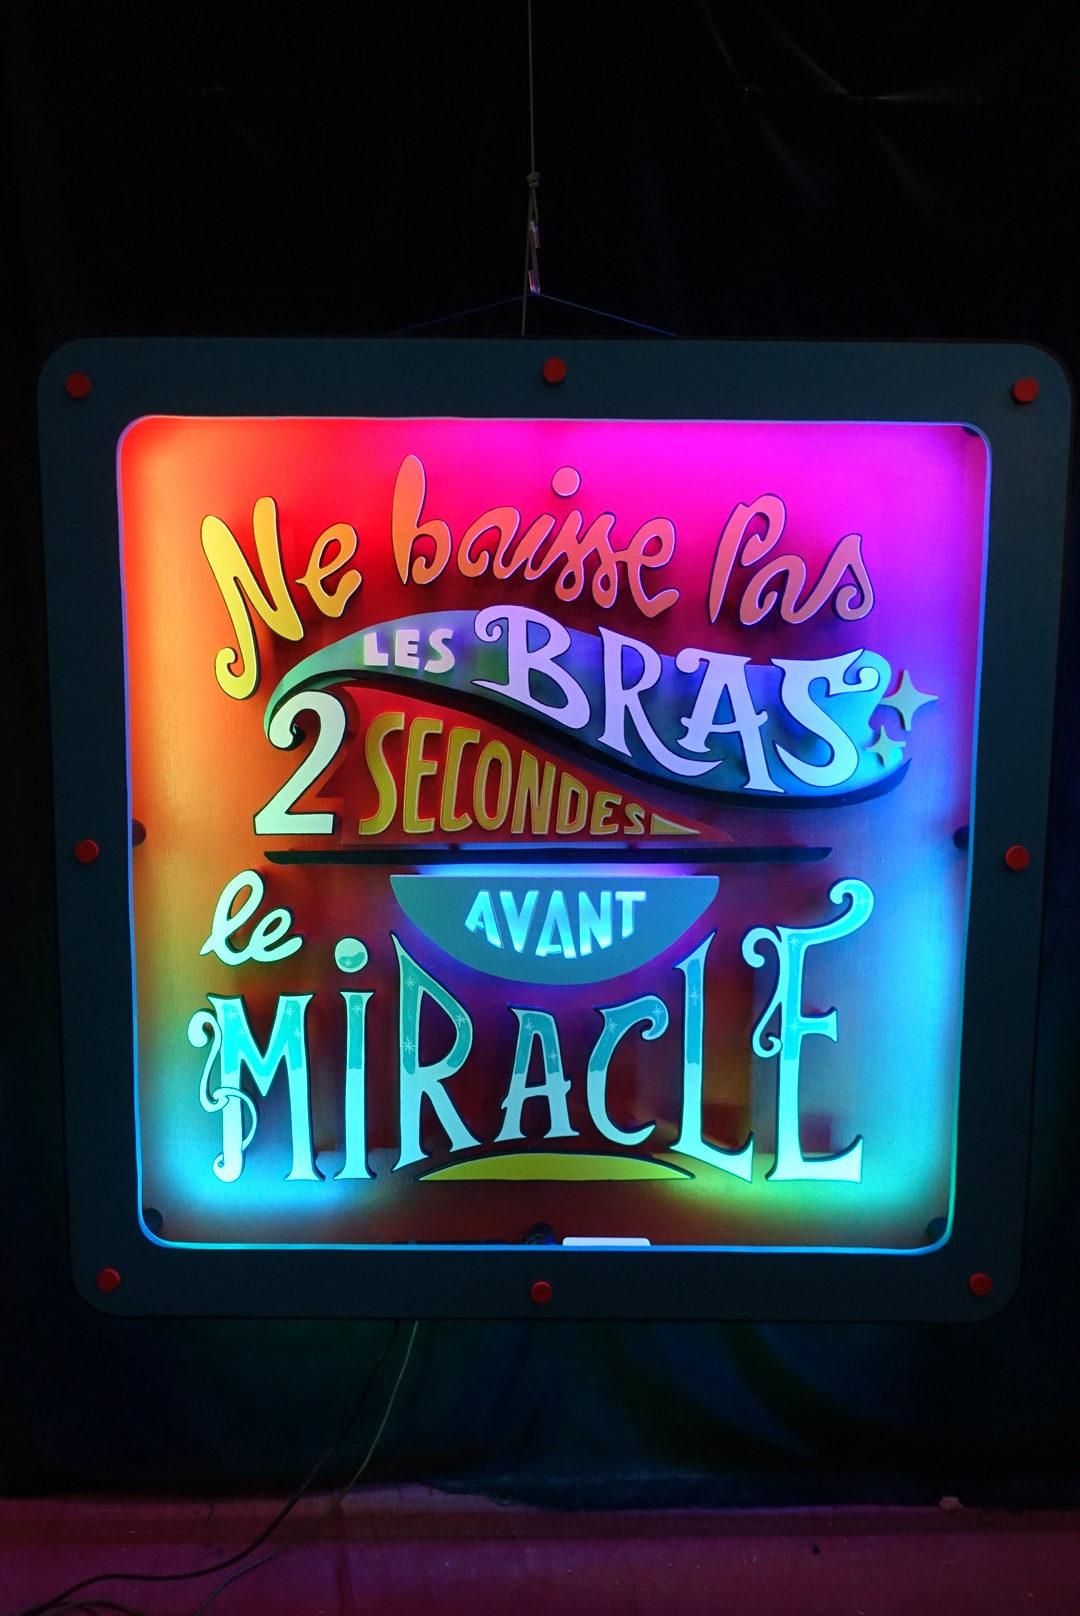 Enseigne led : Ne baisse pas les bras 2 secondes avant le miracle